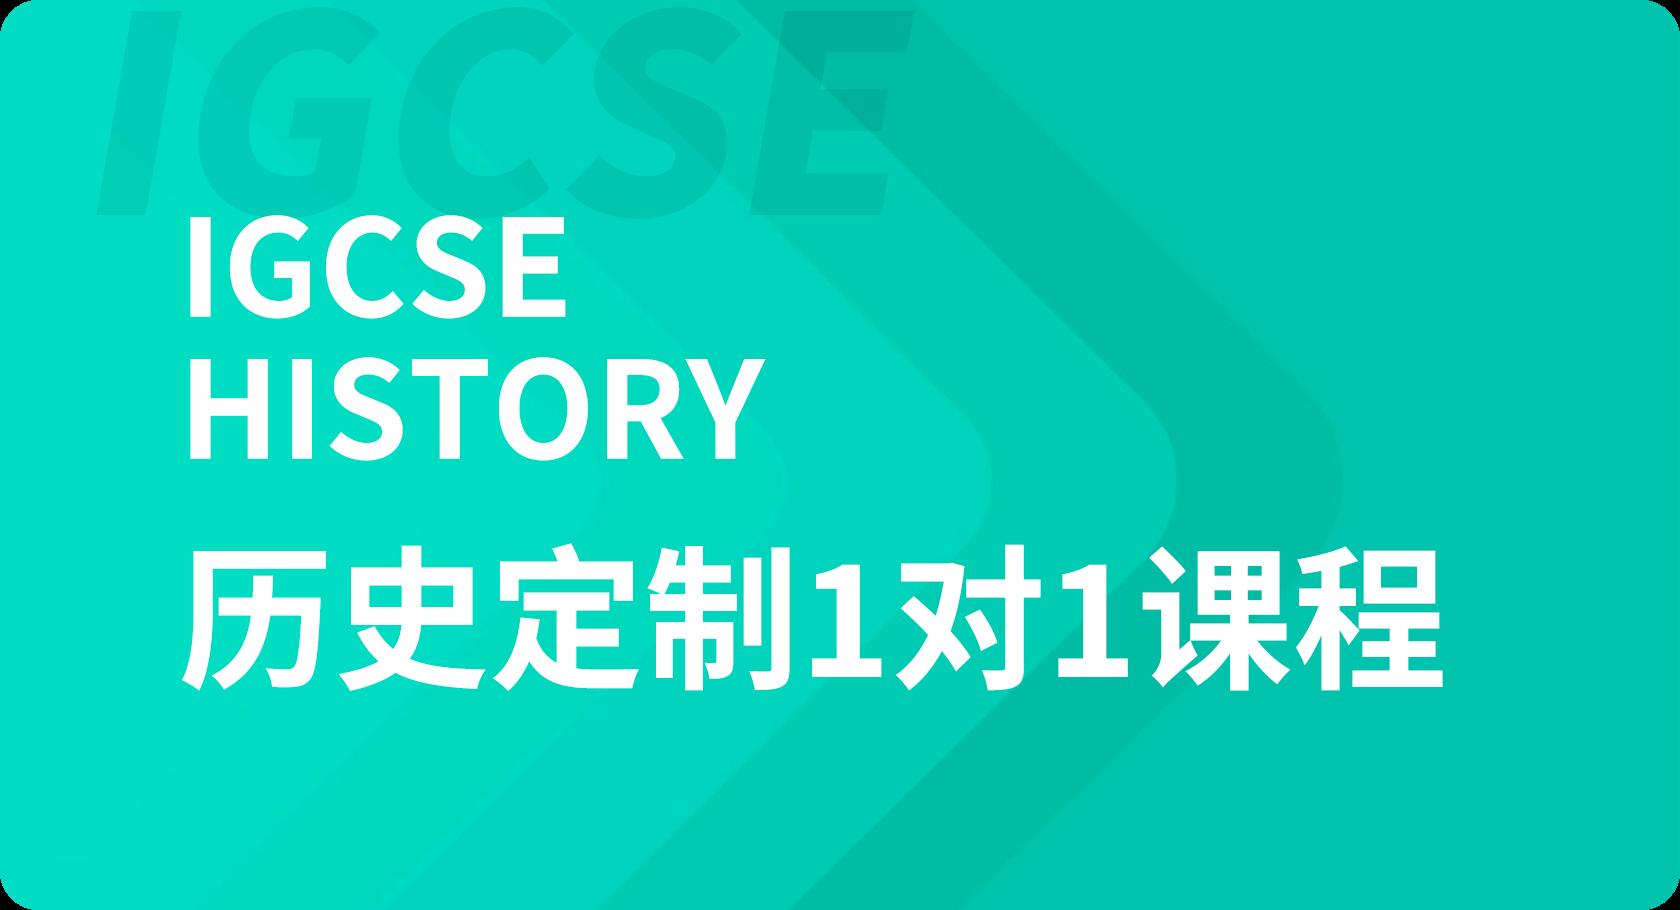 IGCSE历史1对1课程